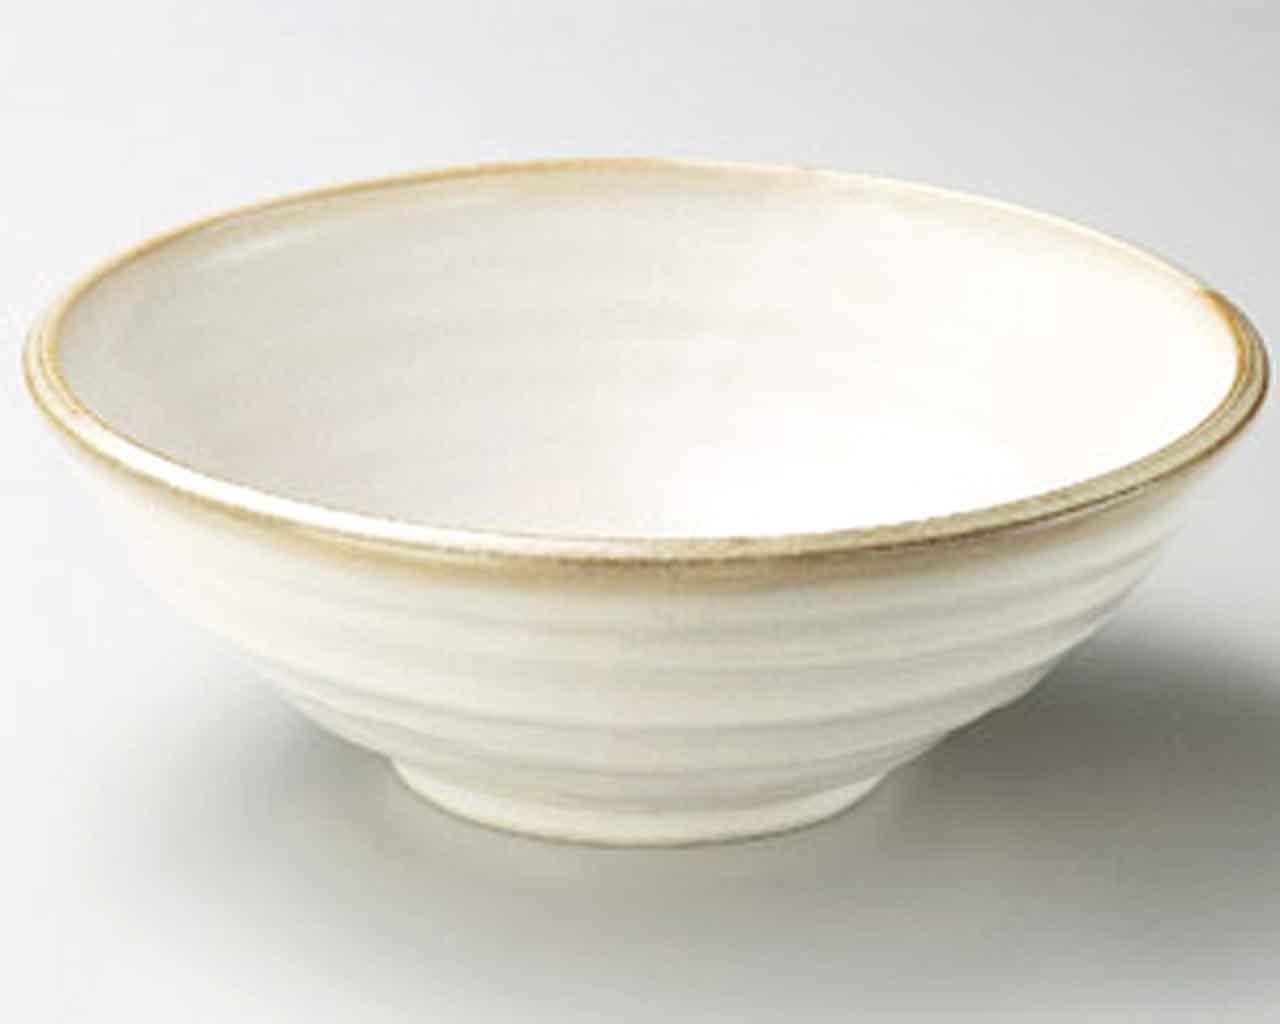 Kobiki Arabiki 9.3inch Large Bowl porcelain Price reduction Japan in Columbus Mall Beige Made